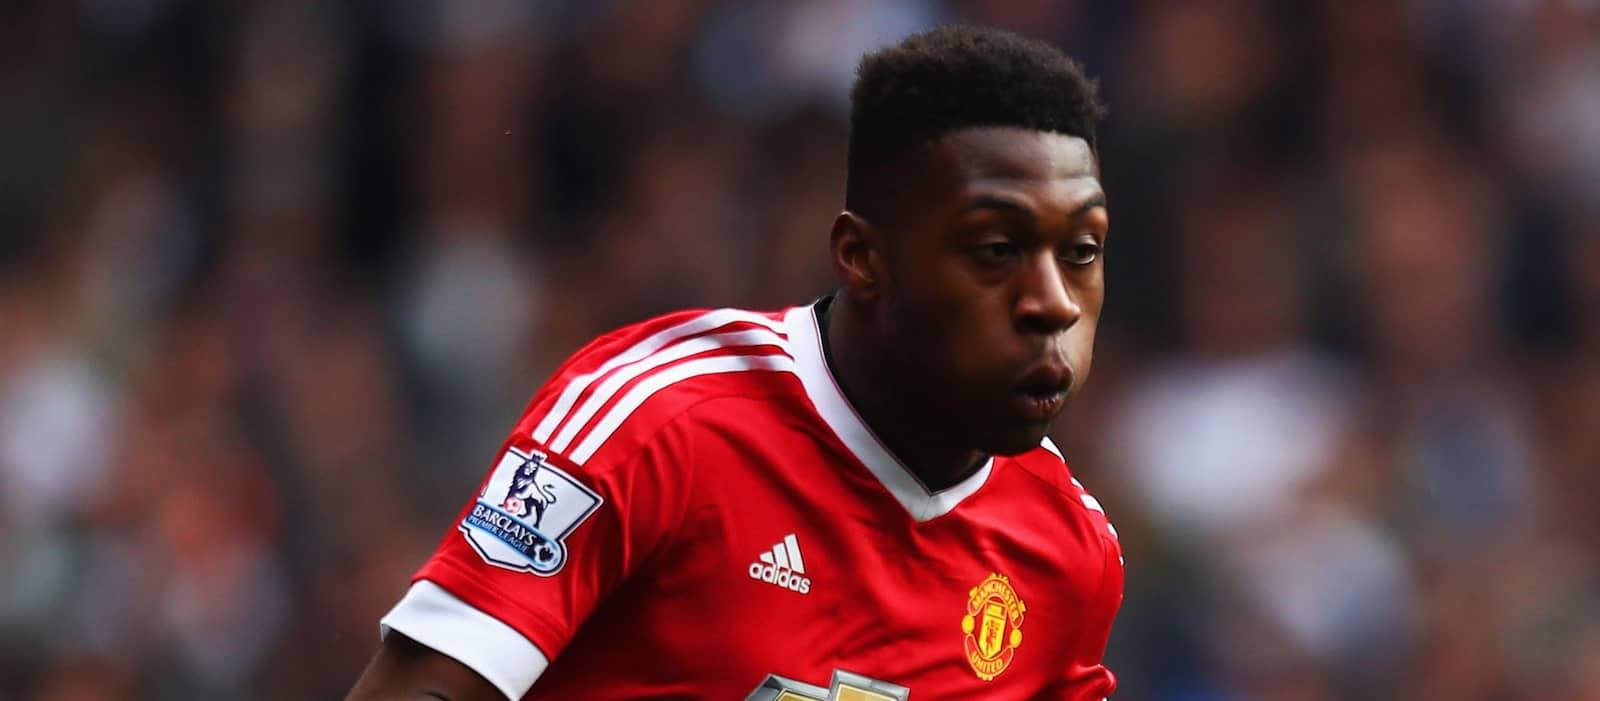 Timothy Fosu-Mensah: I want to develop into a 'top player' under Jose Mourinho